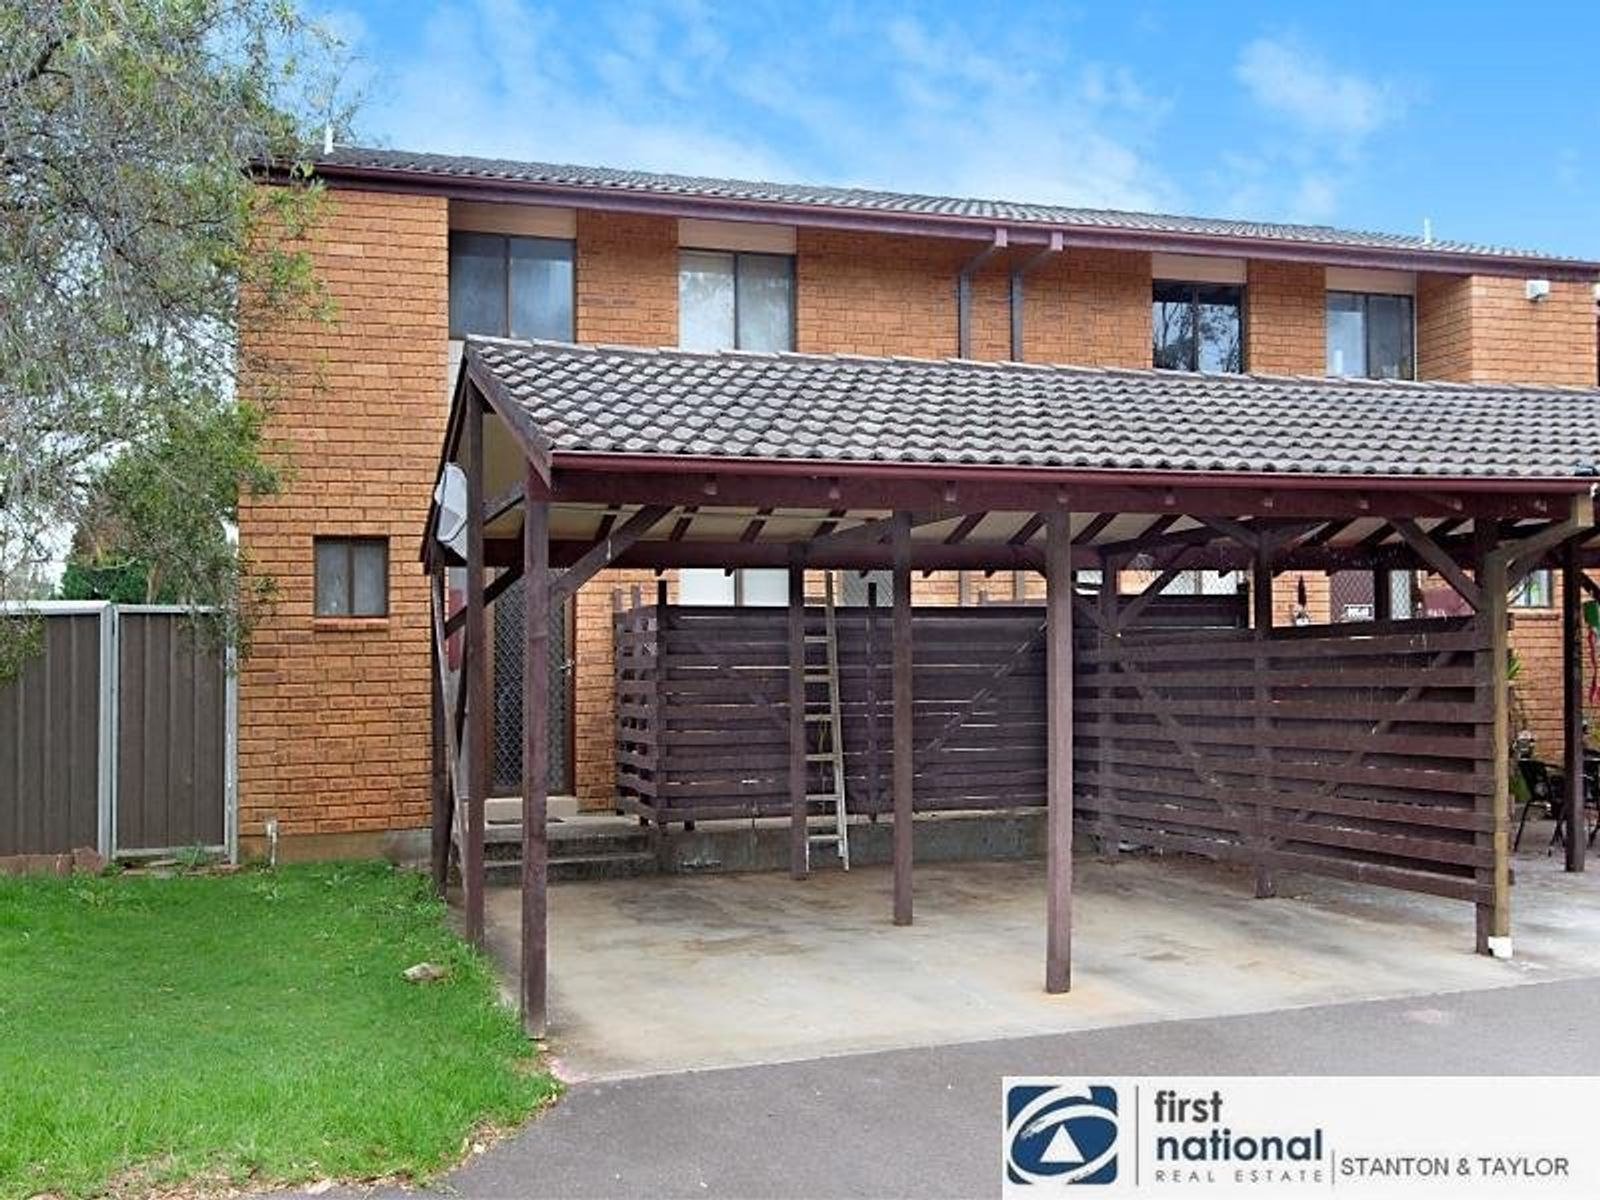 19/27 George Street, Kingswood, NSW 2747